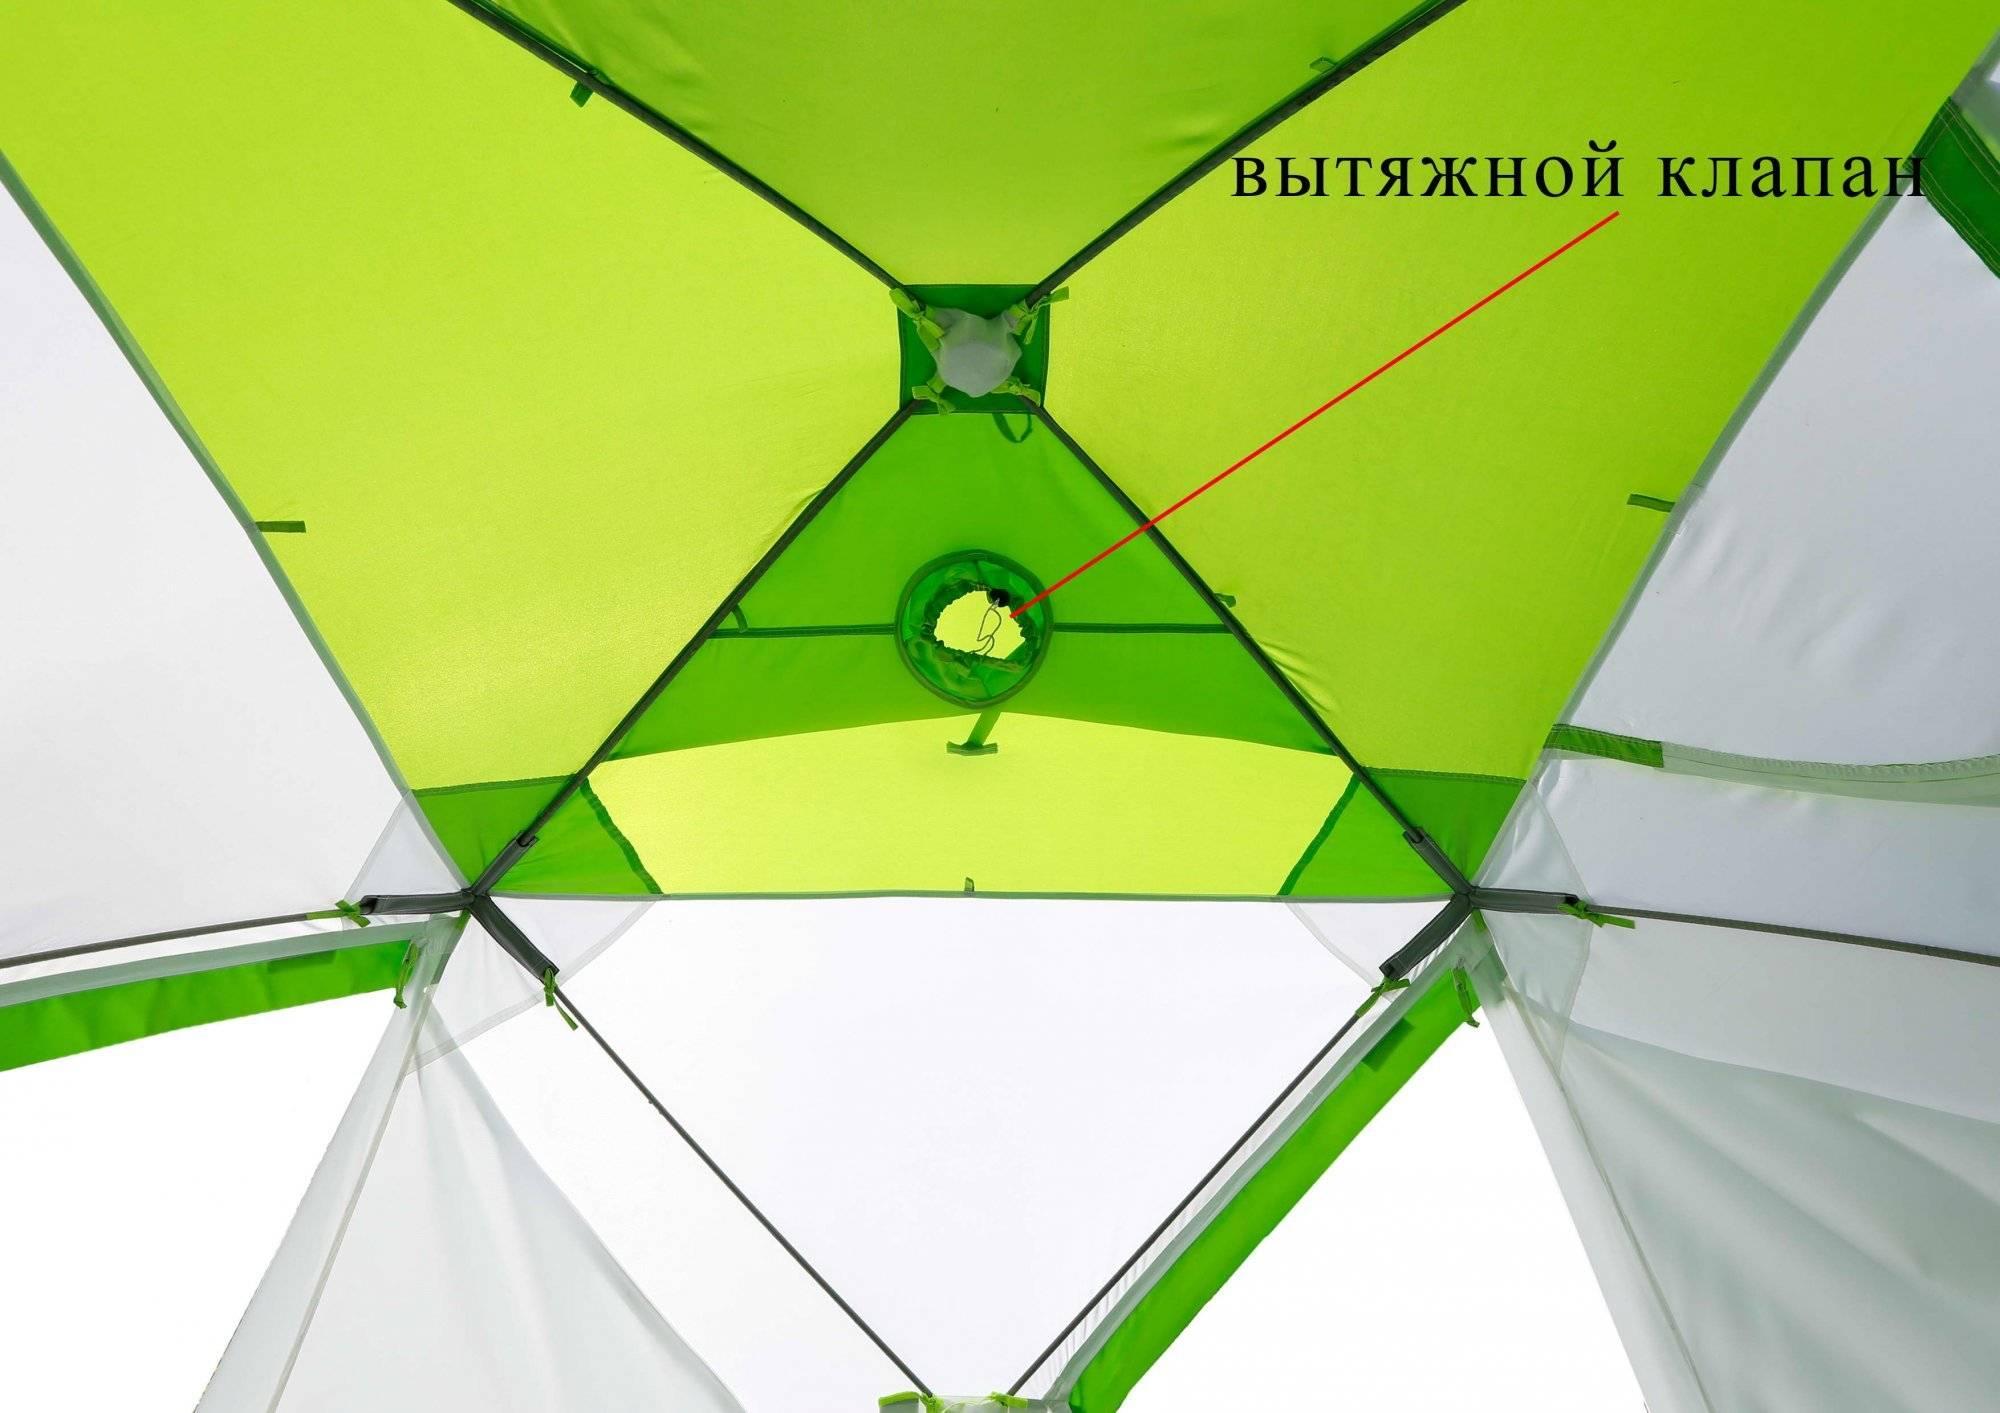 Как выбрать палатку для отдыха на природе - советы профессионалов